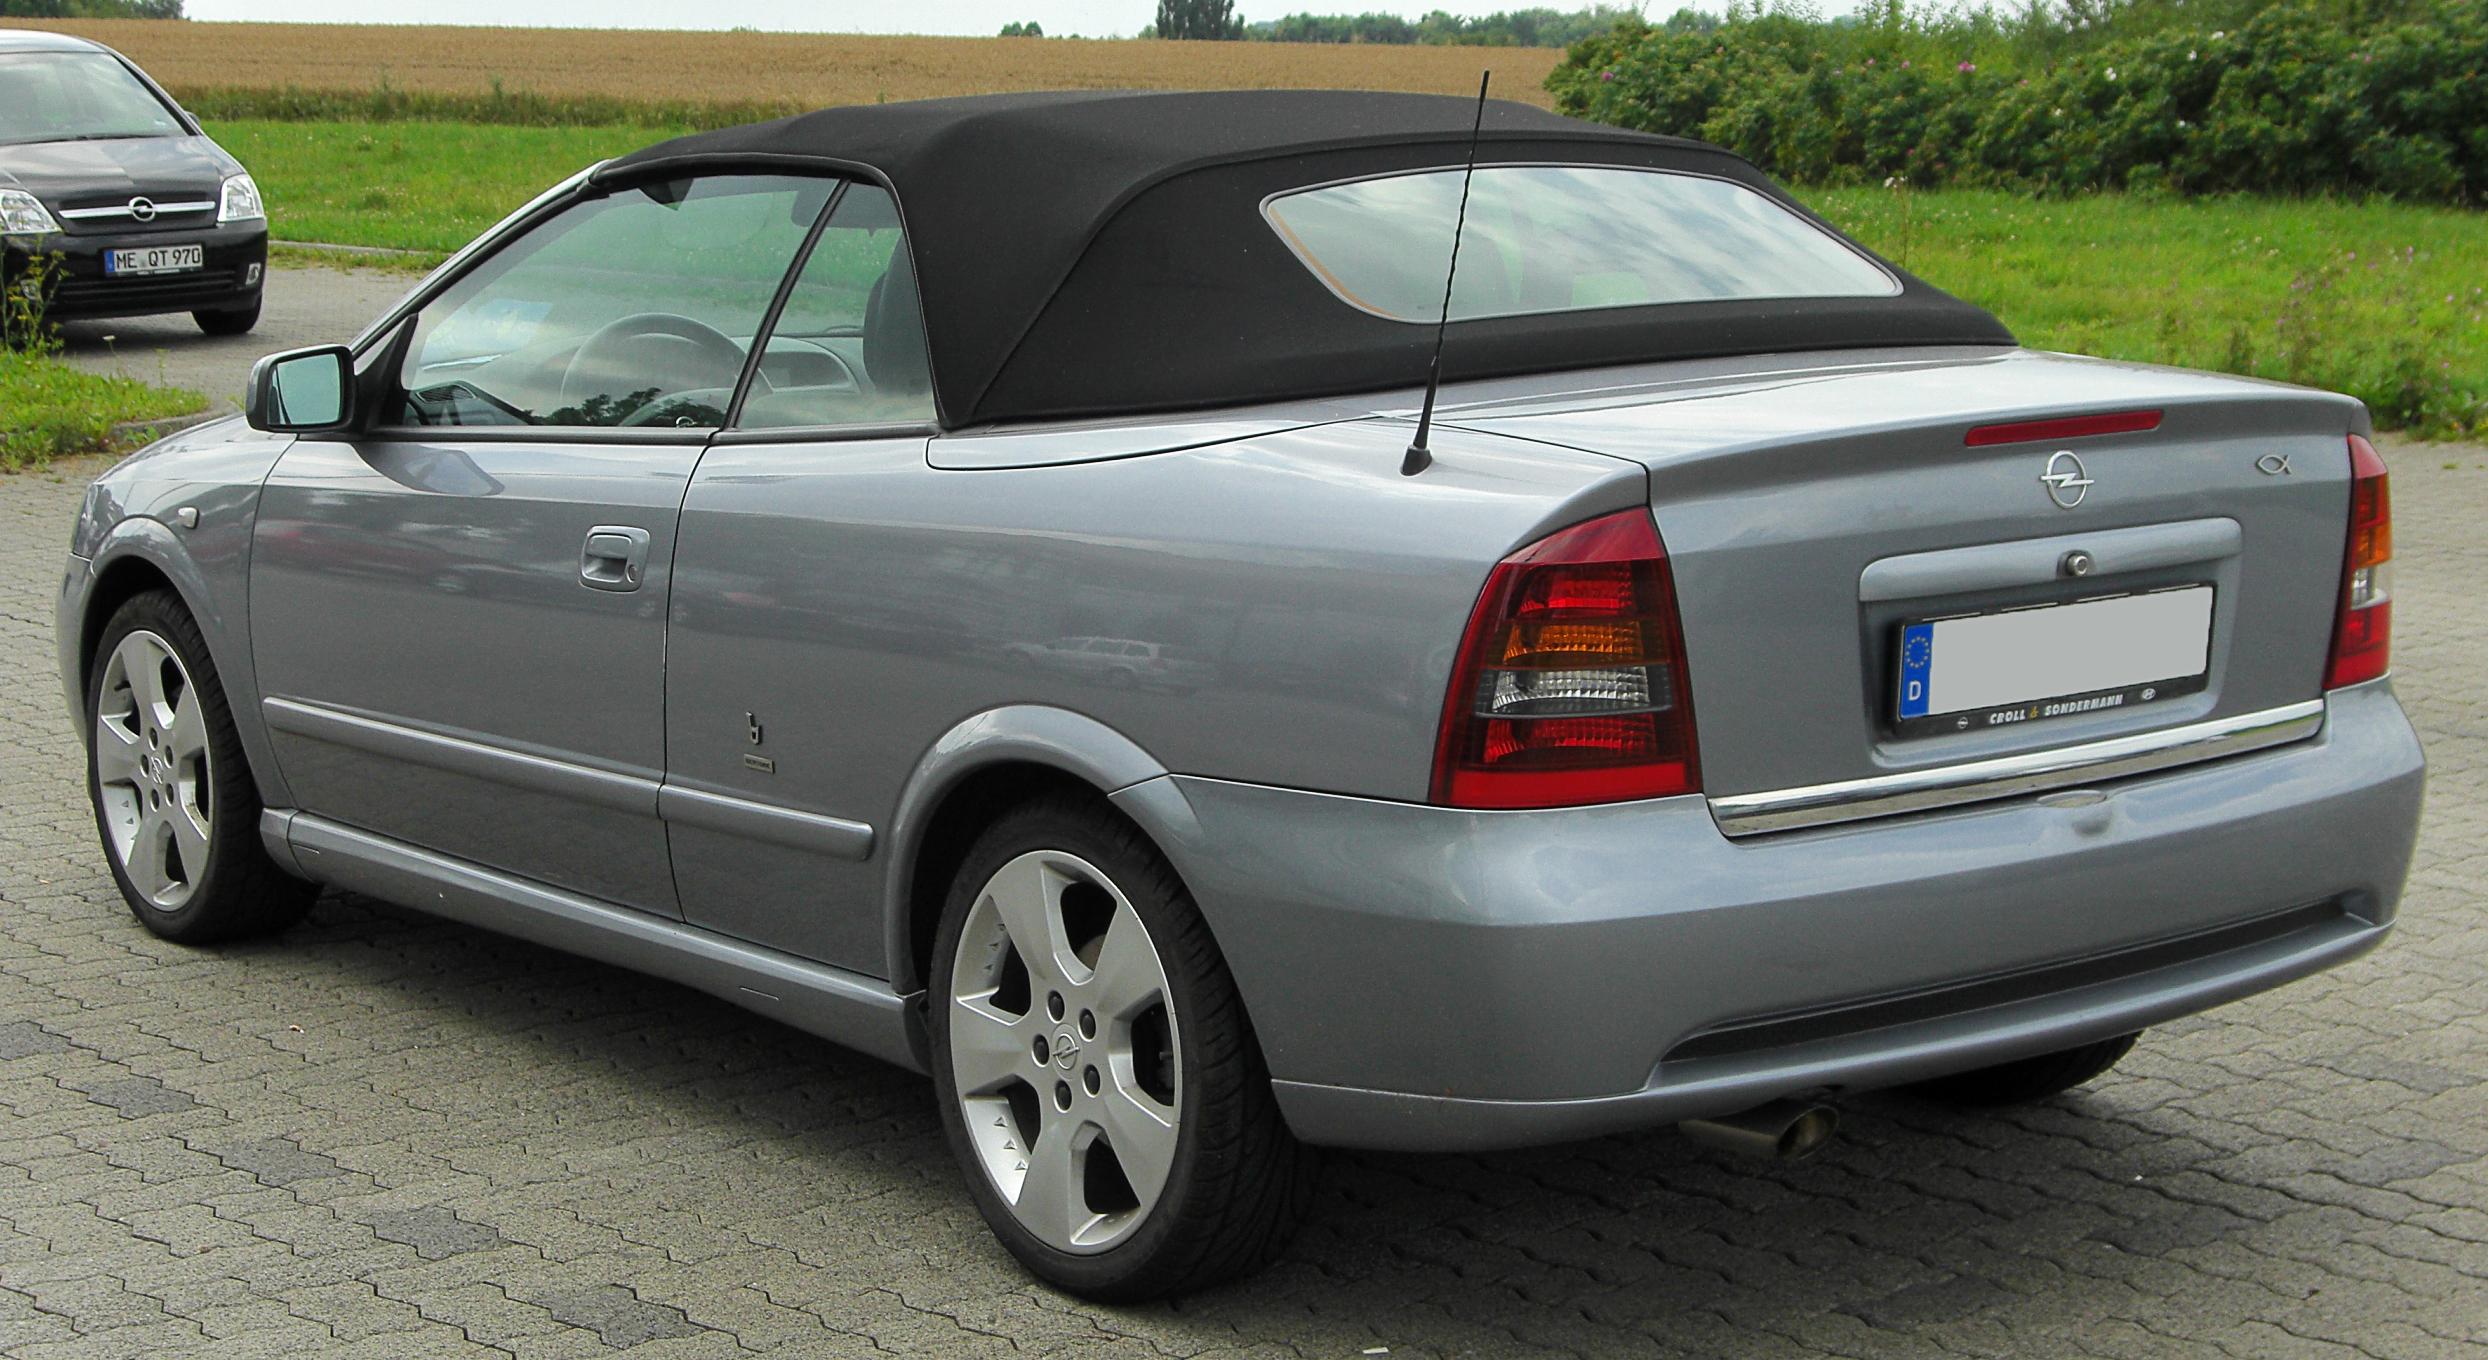 Holden Astra IV (TS) 1999 - 2004 Cabriolet #2